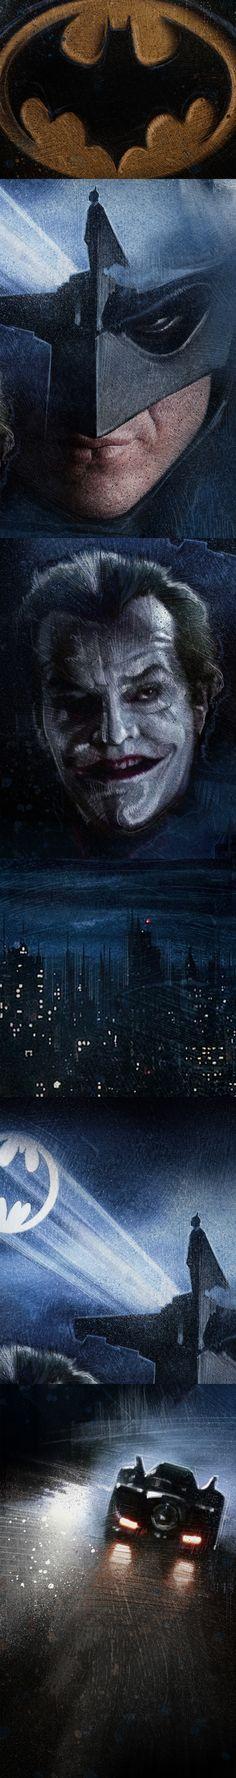 Batman (1989) on Behance